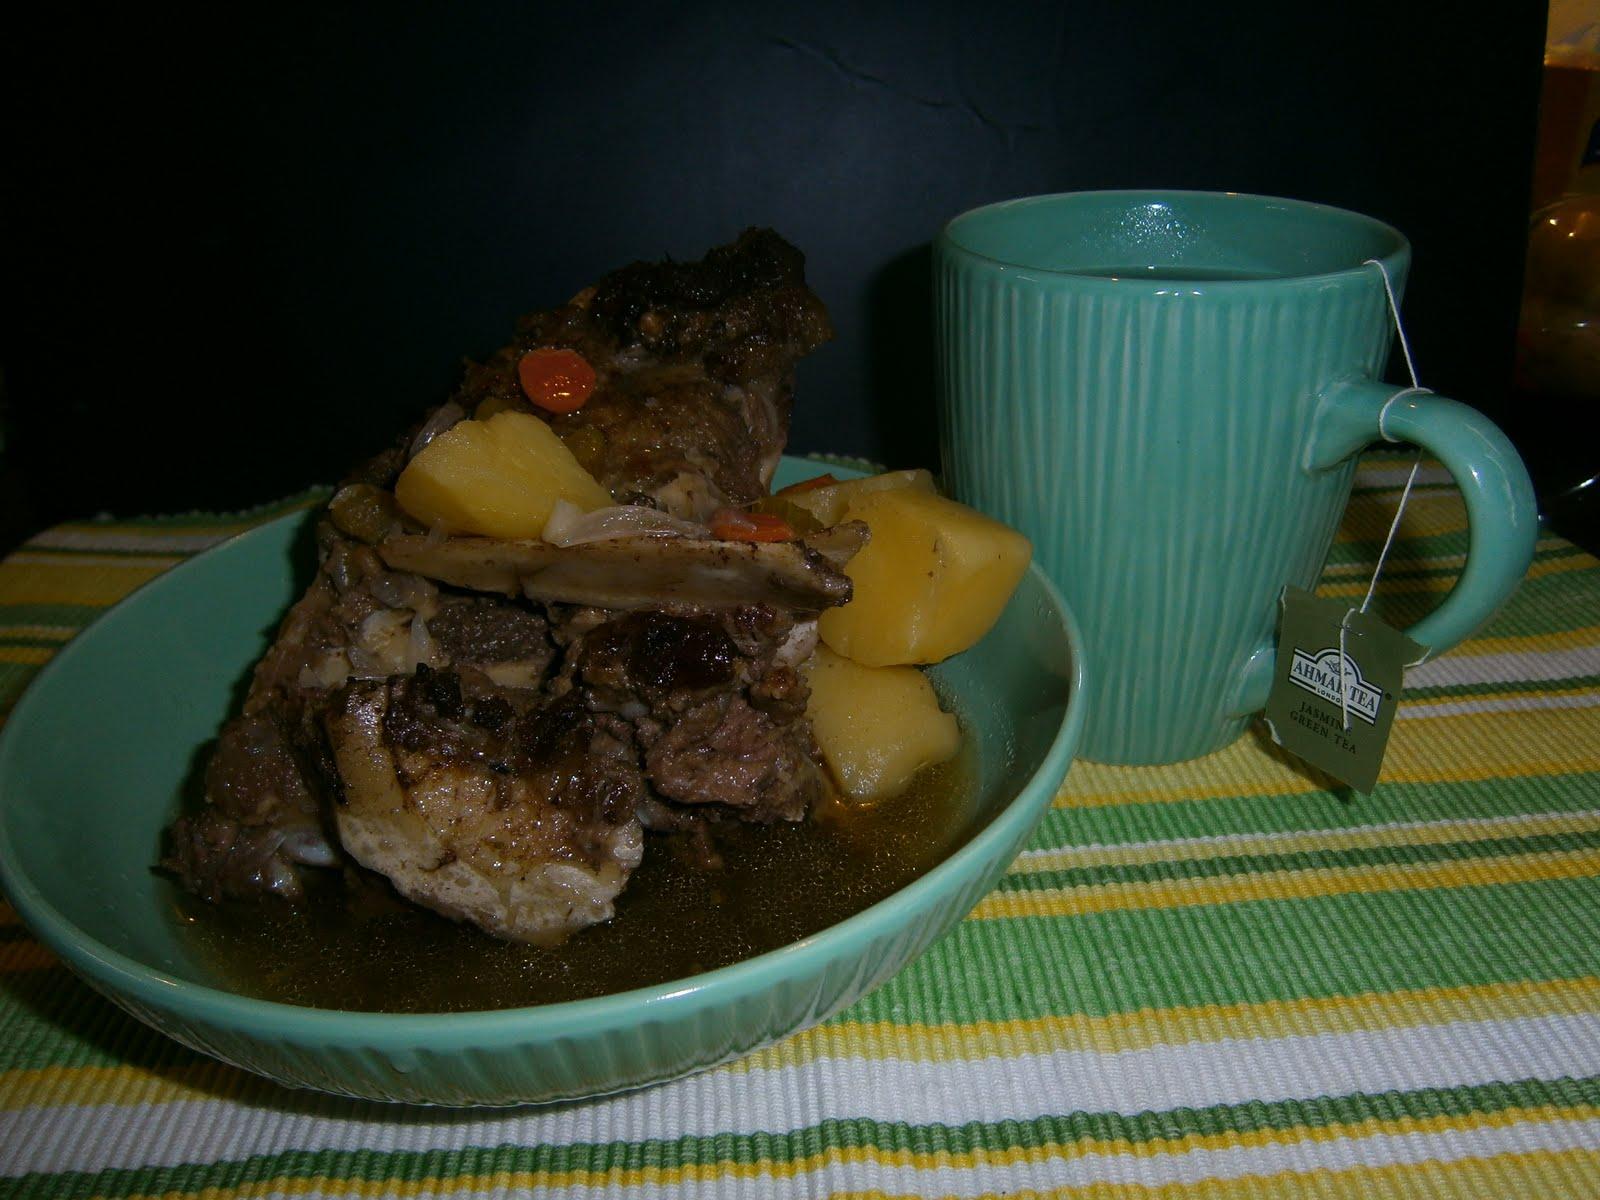 Resep Singkong Goreng keju yang Renyah, Empuk dan Gurih